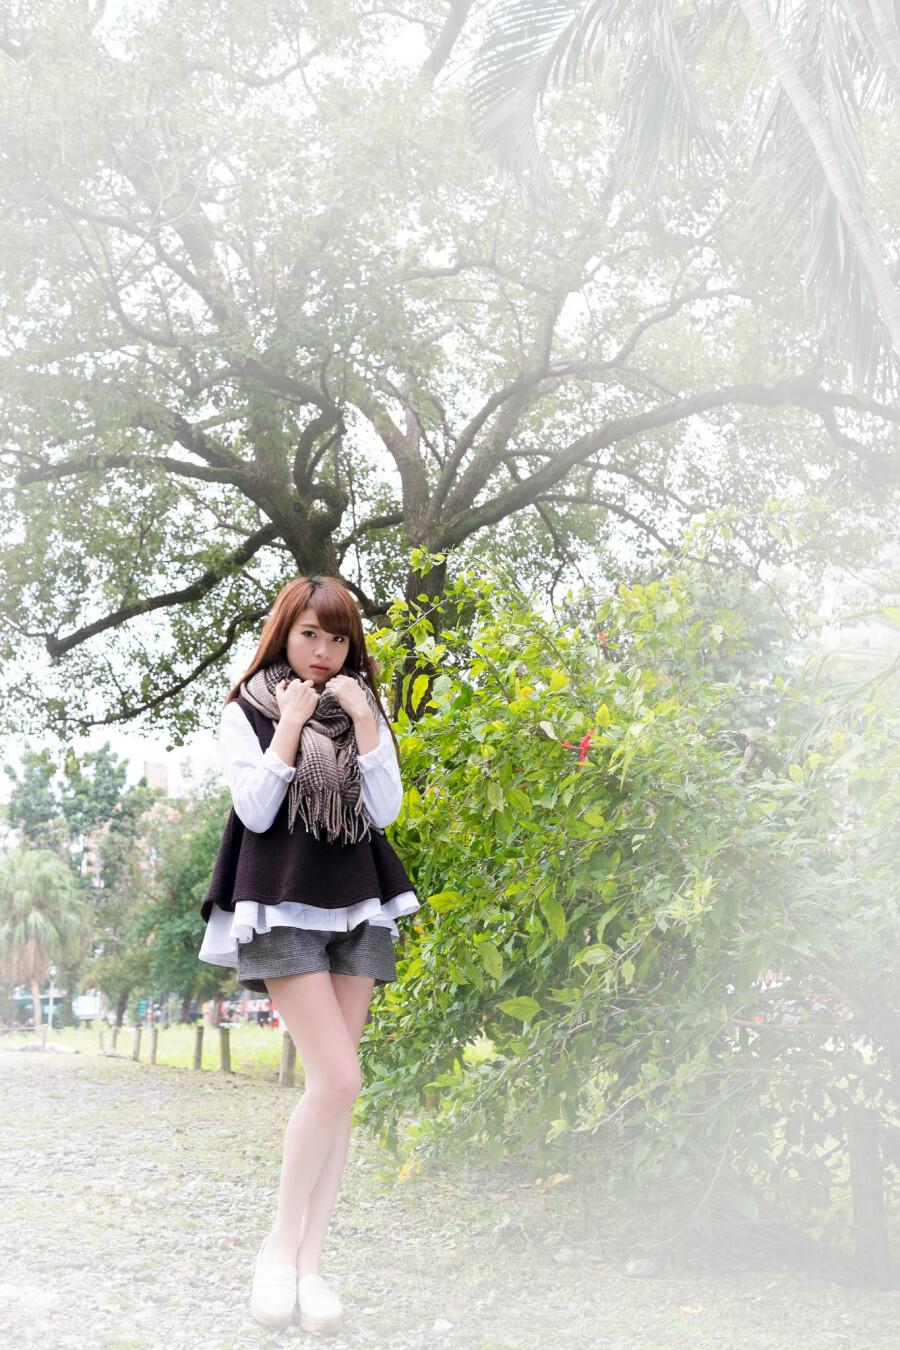 媚脸含春孙佳歆 - 春晖 - 春晖的博客